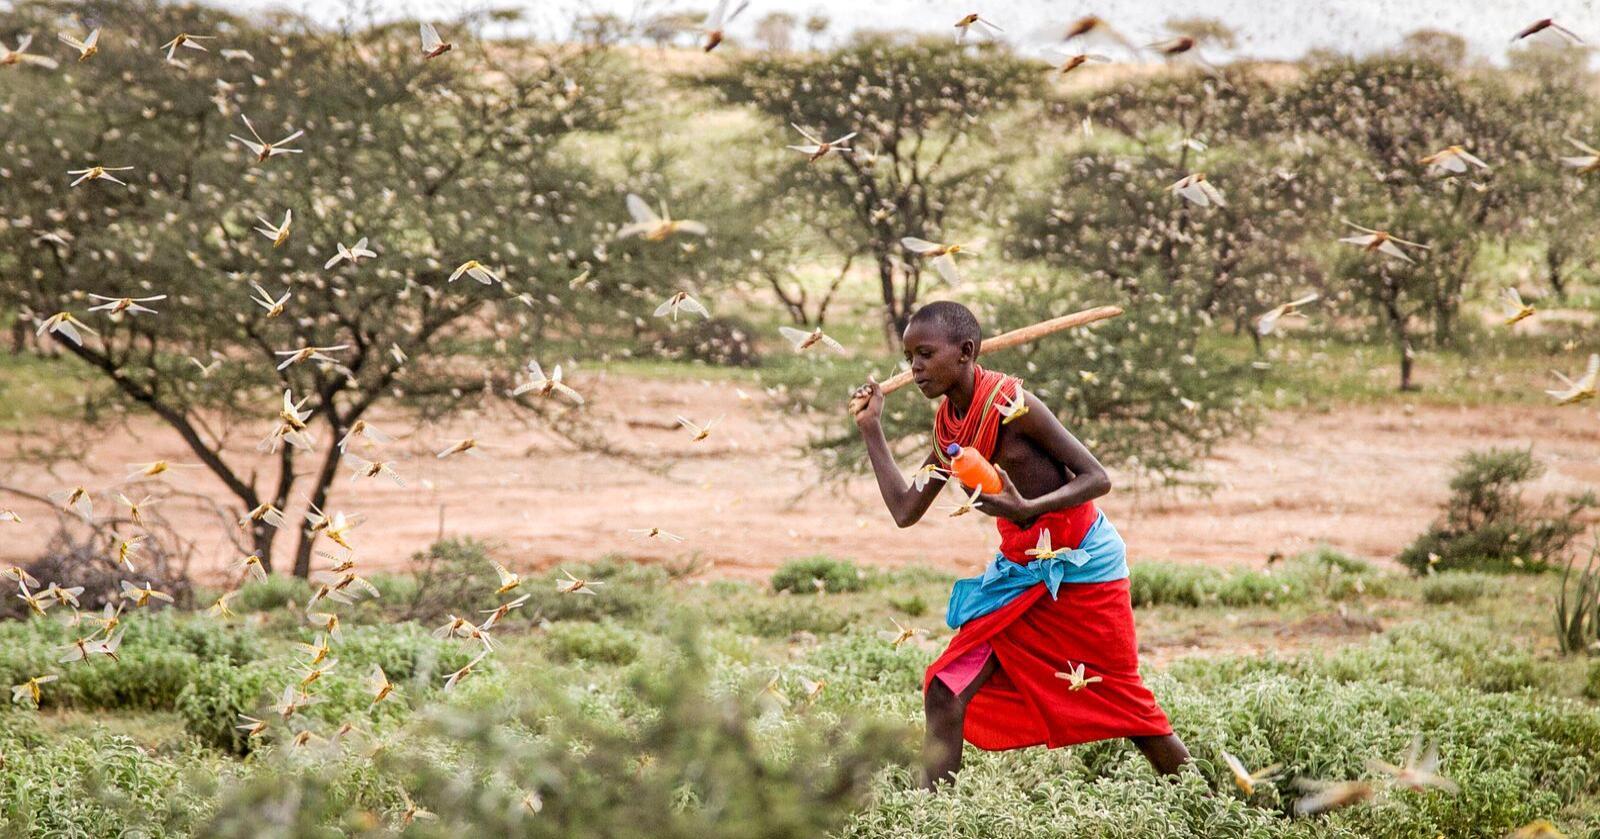 En gutt som gjeter kameler nær landsbyen Sissia i Kenya forsøker å skremme vekk en gresshoppesverm med en kjepp. Bildet er tatt torsdag. Den største oppblomstringen av gresshopper på 25 år truer nå matforsyningen i flere land i Øst-Afrika. Foto: Patrick Ngugi / AP / NTB scanpix